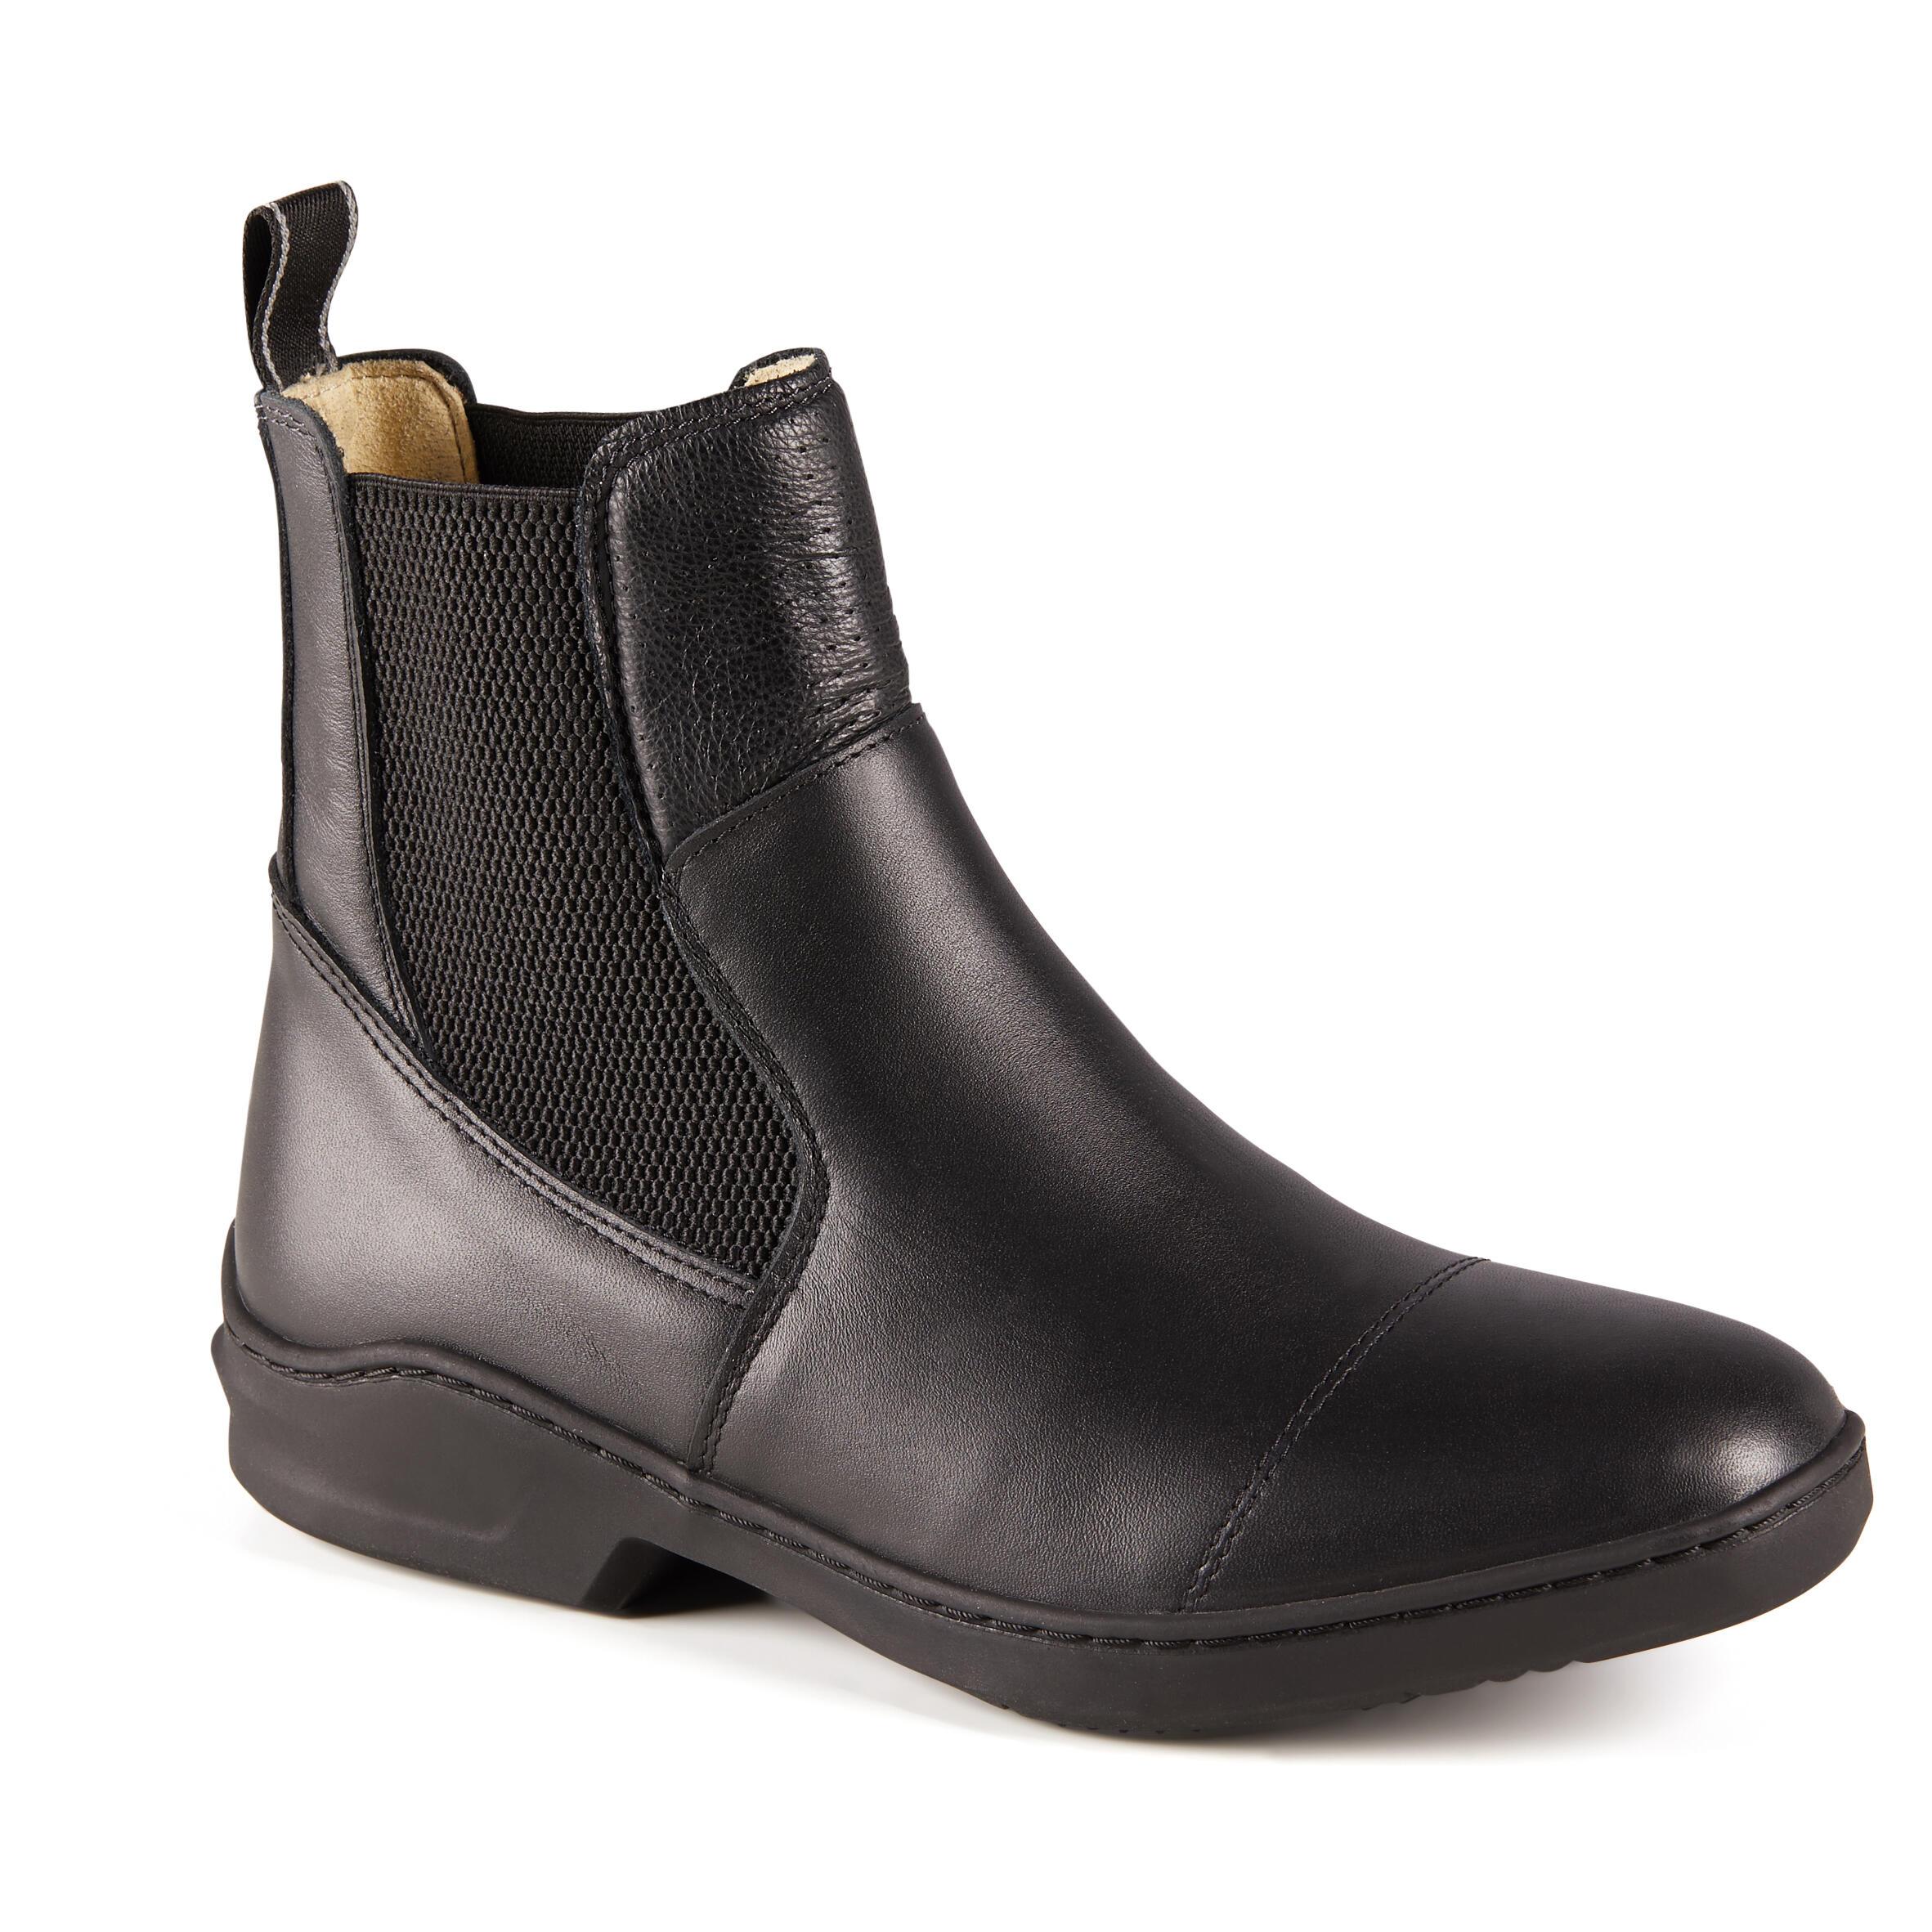 Reitstiefeletten 560 Leder Erwachsene | Schuhe > Sportschuhe | Fouganza